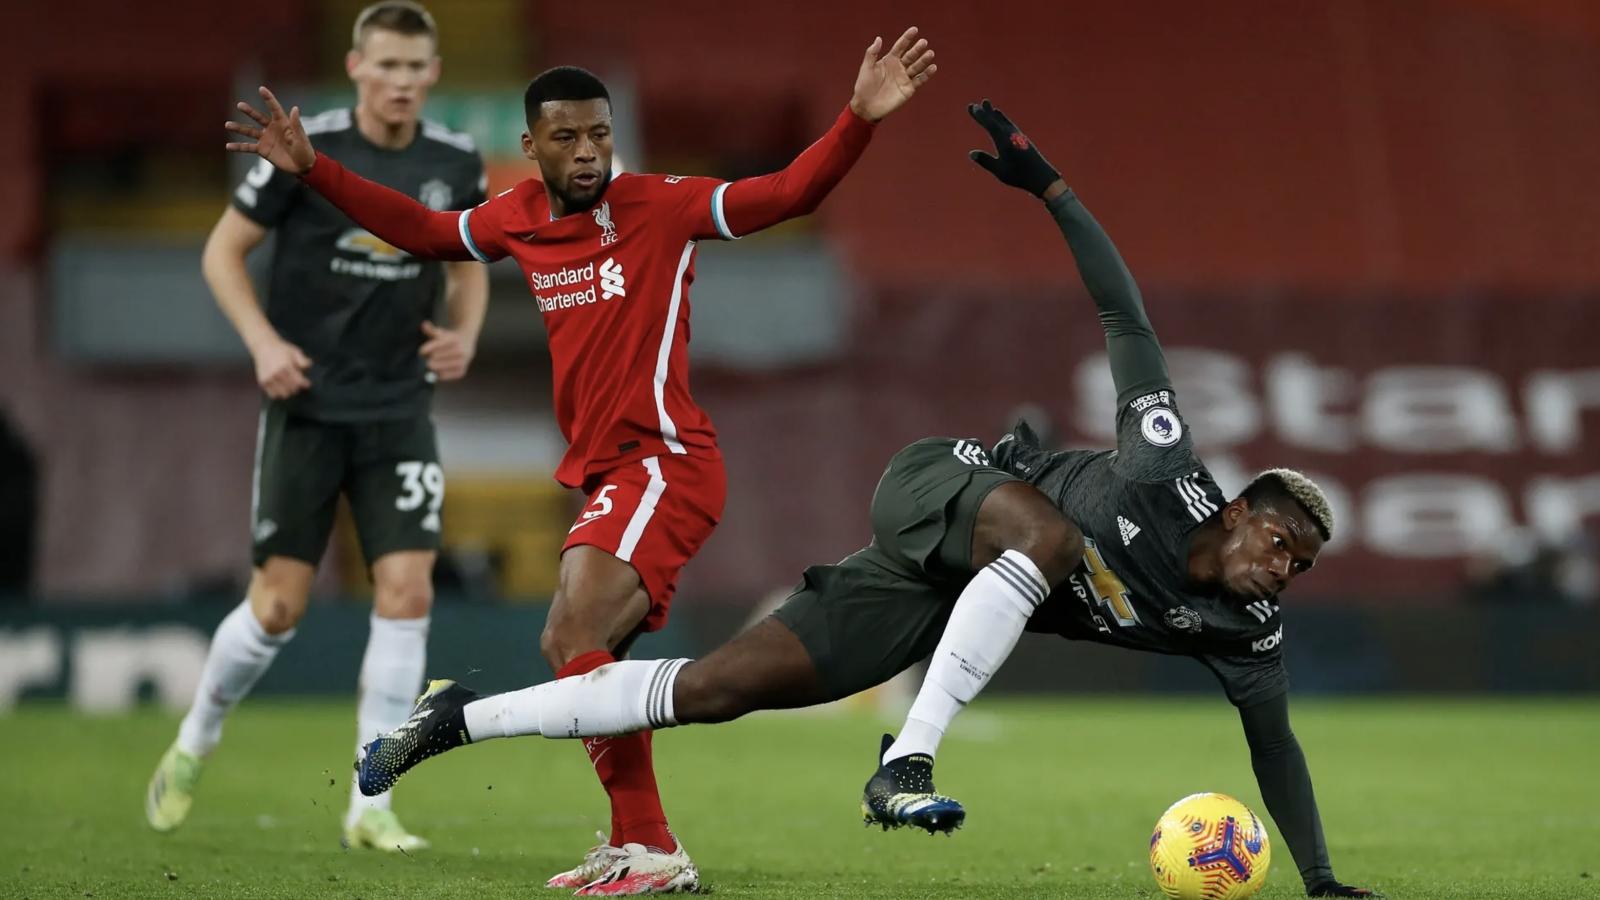 Trực tiếp Liverpool 0 - 0 MU: Khi gió đổi chiều